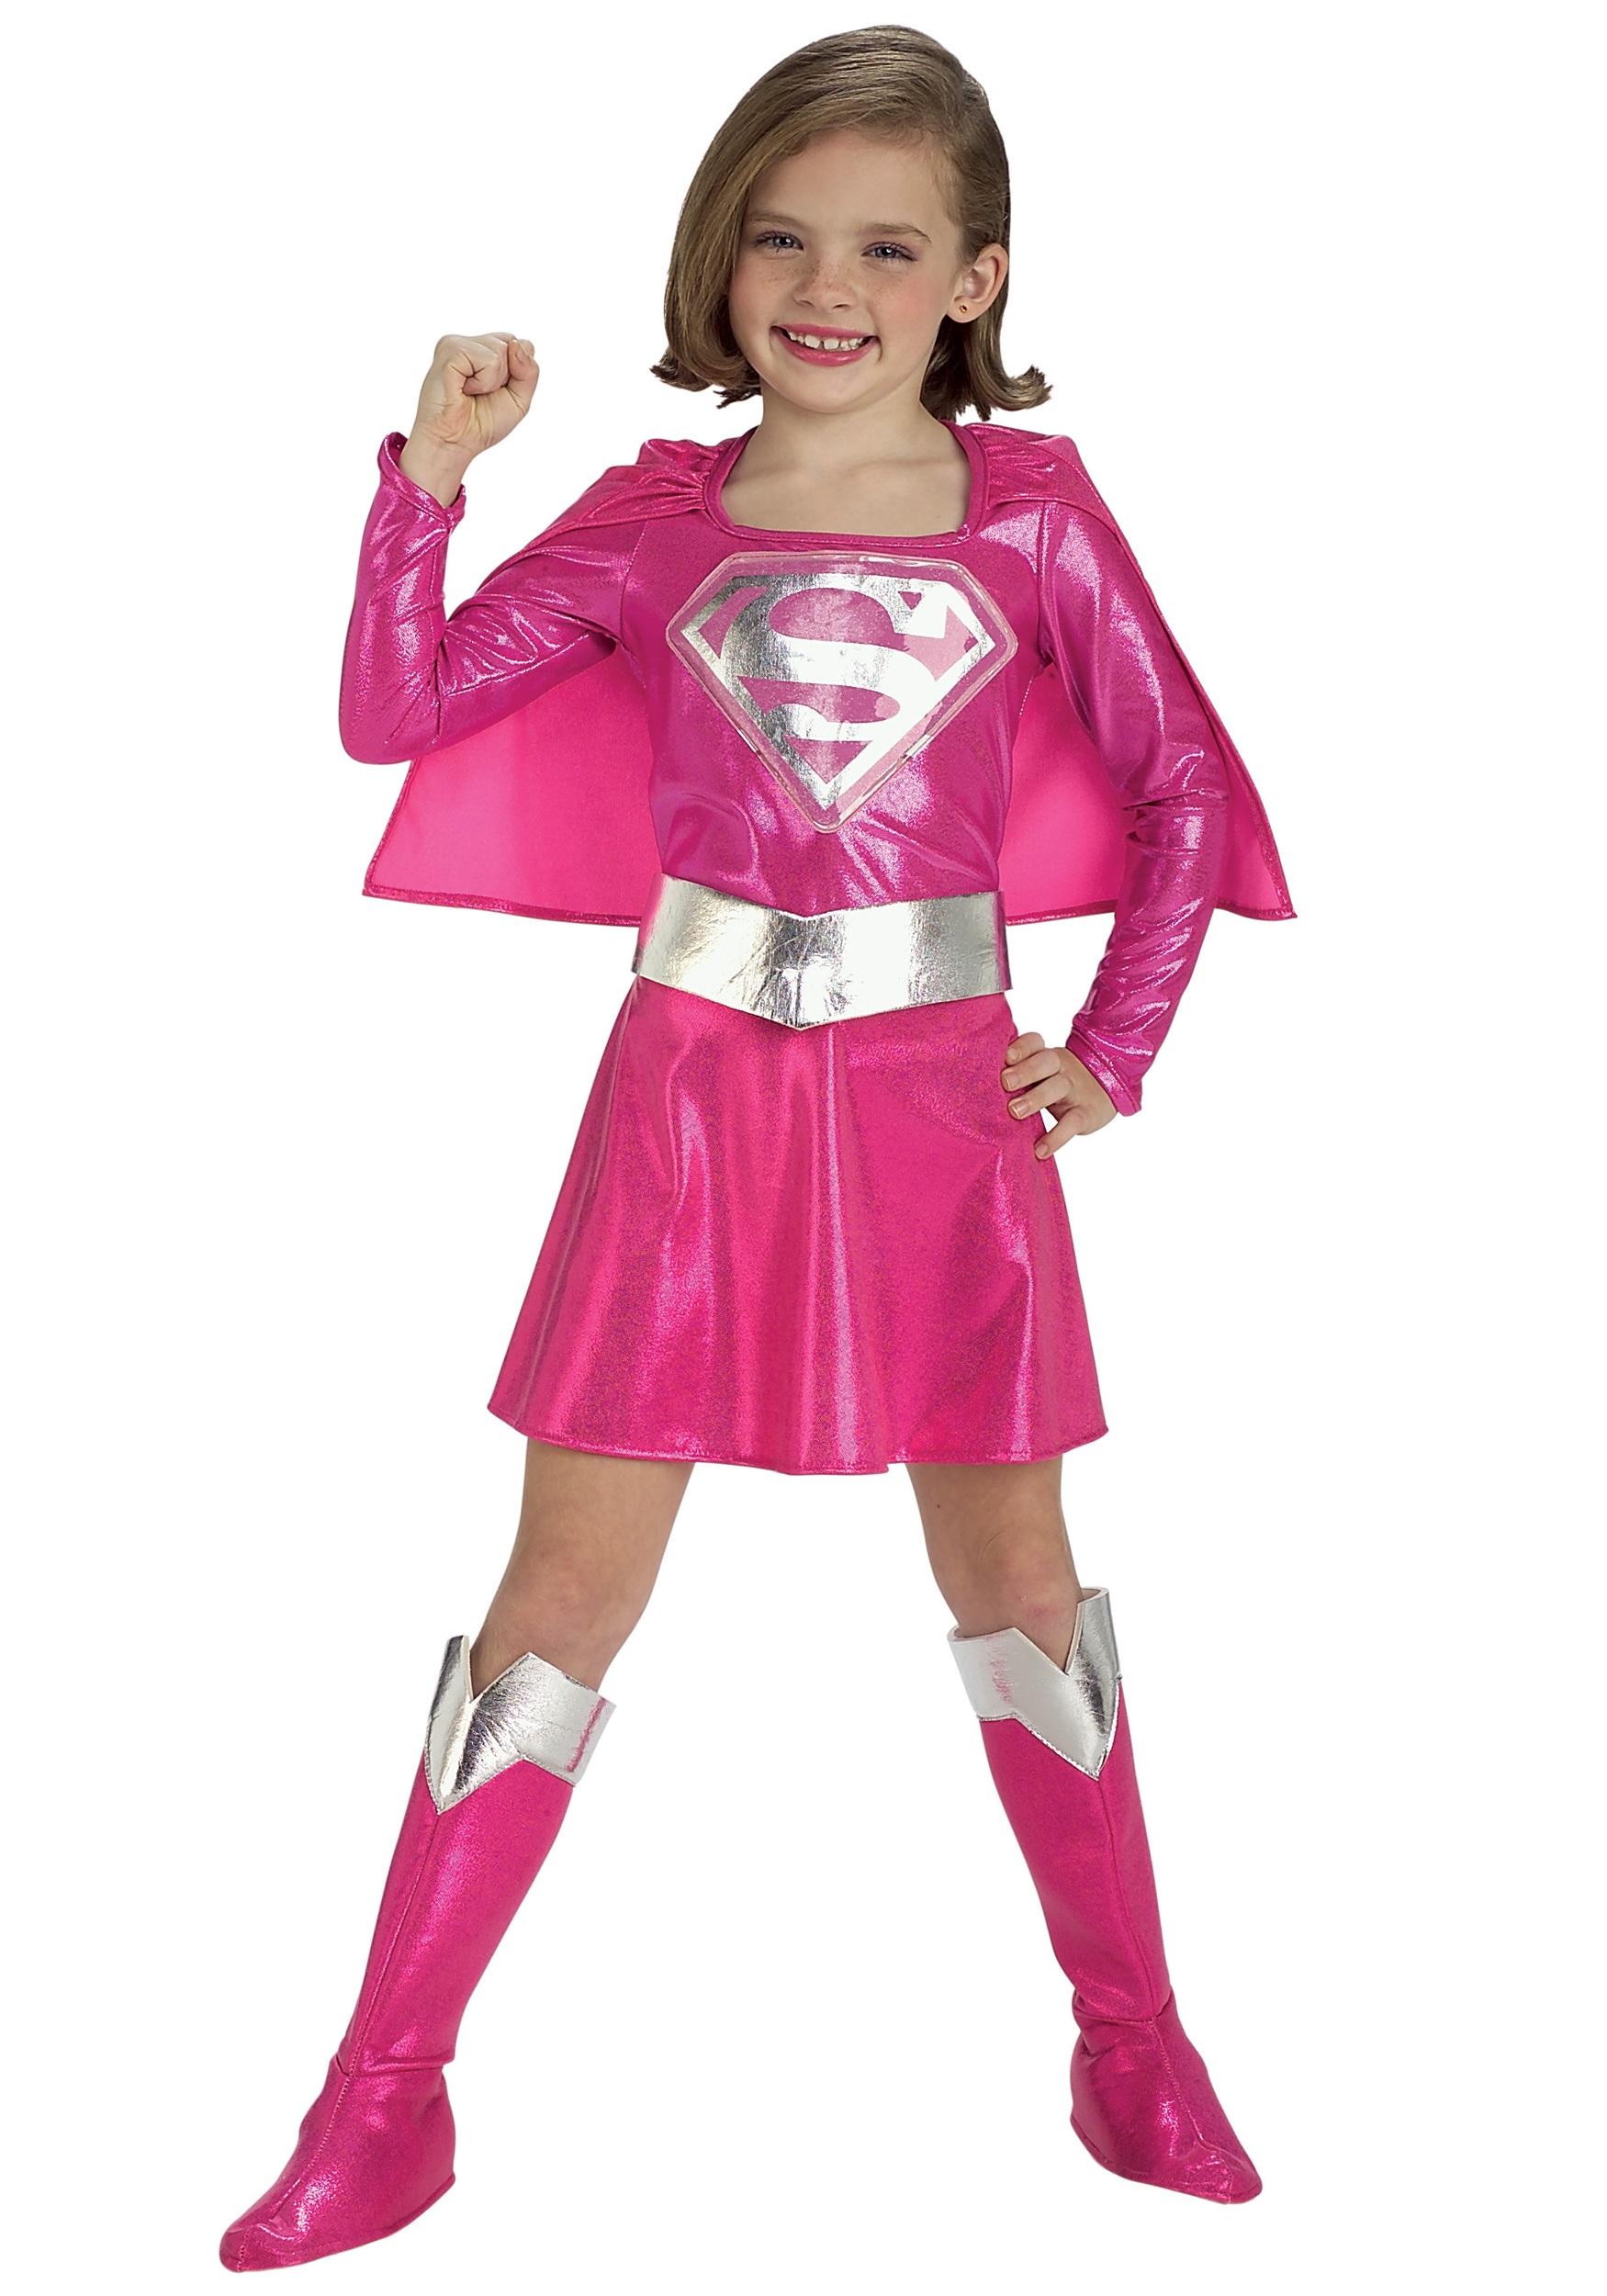 Girls Supergirl Pink Dress | Girls Superhero Costume